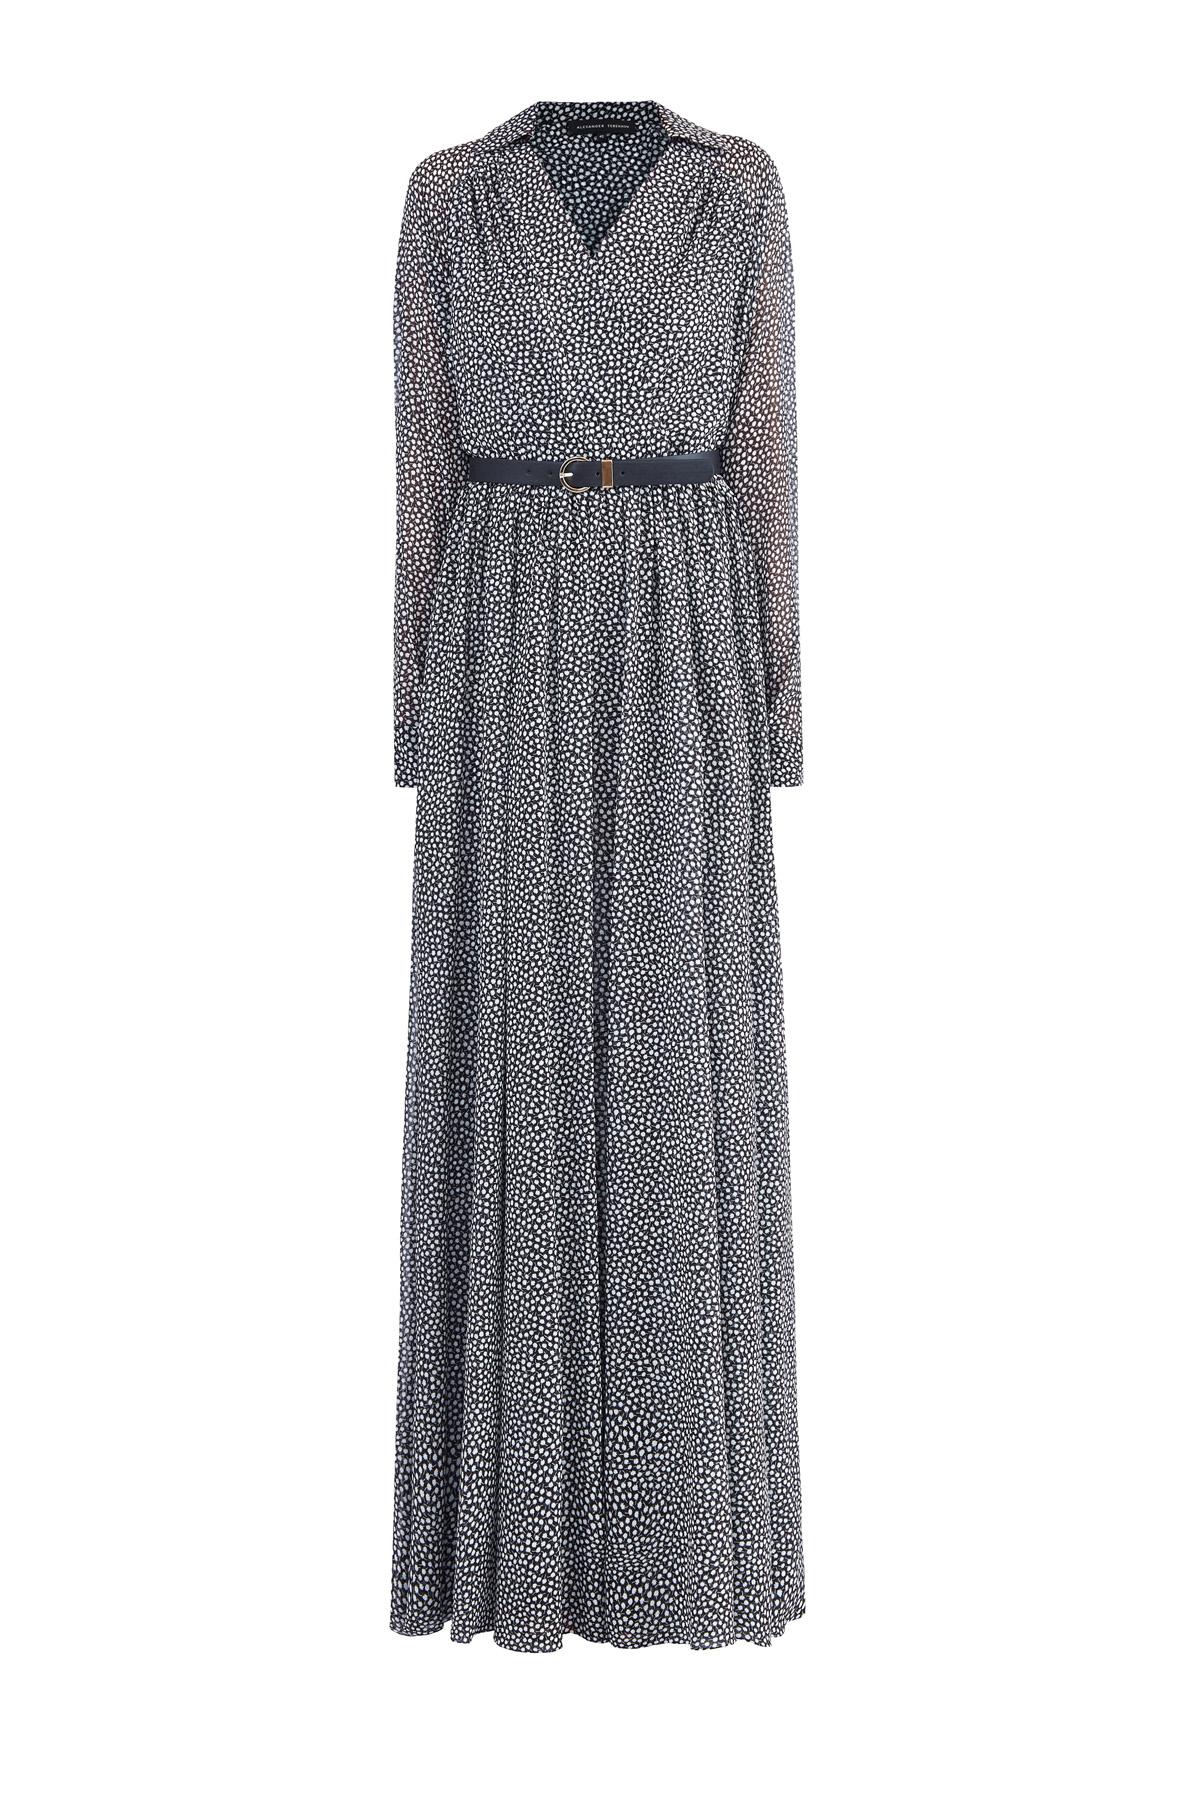 Купить Шелковое платье-макси из шелка с монохромным принтом и ремнем, ALEXANDER TEREKHOV, Россия, шелк 95%, эластан 5%